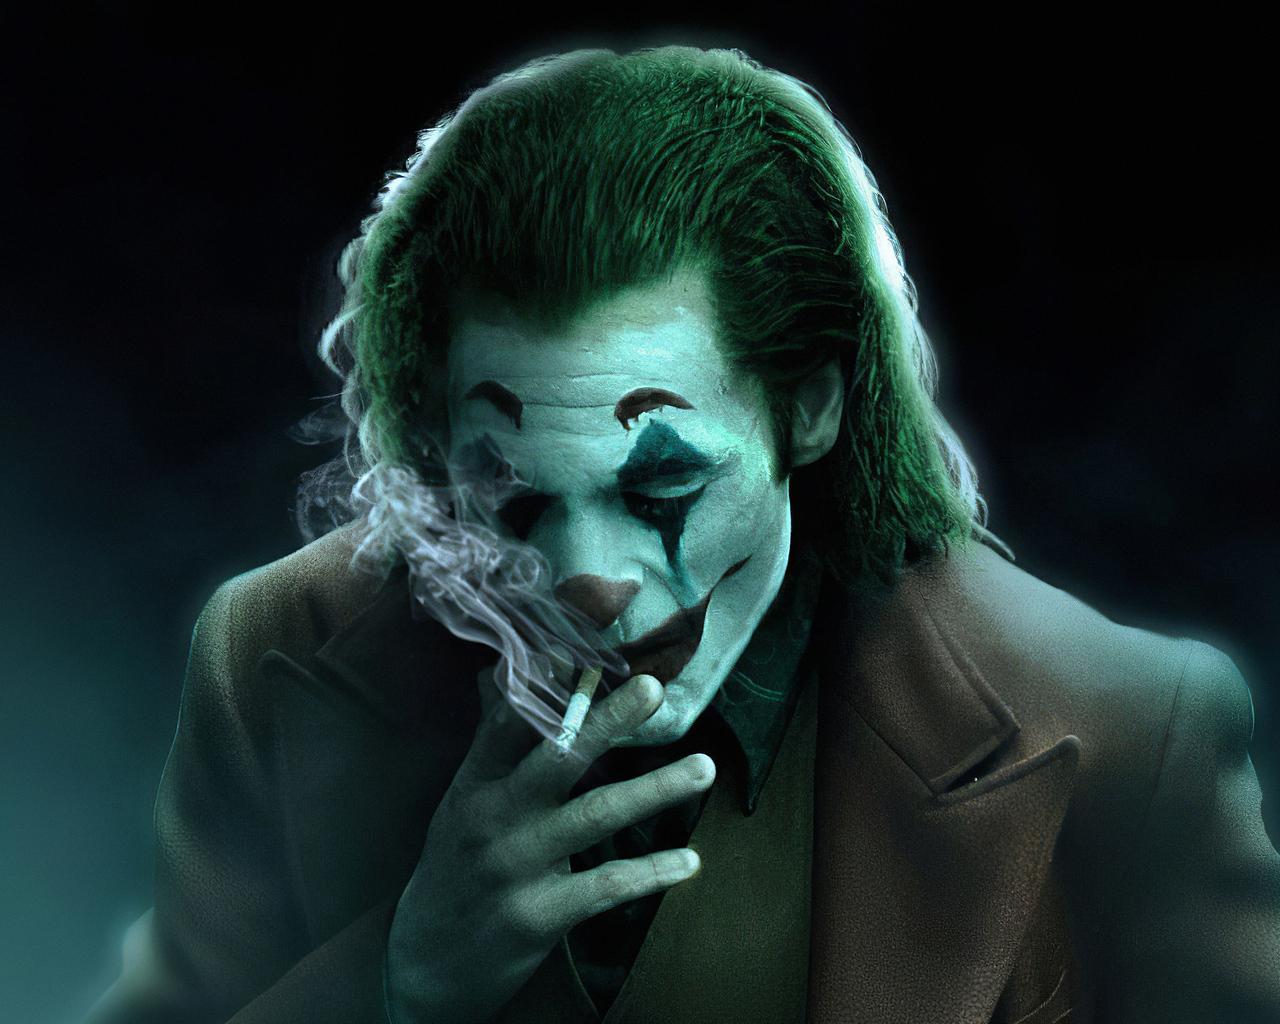 joker-smoker-art-4k-ra.jpg